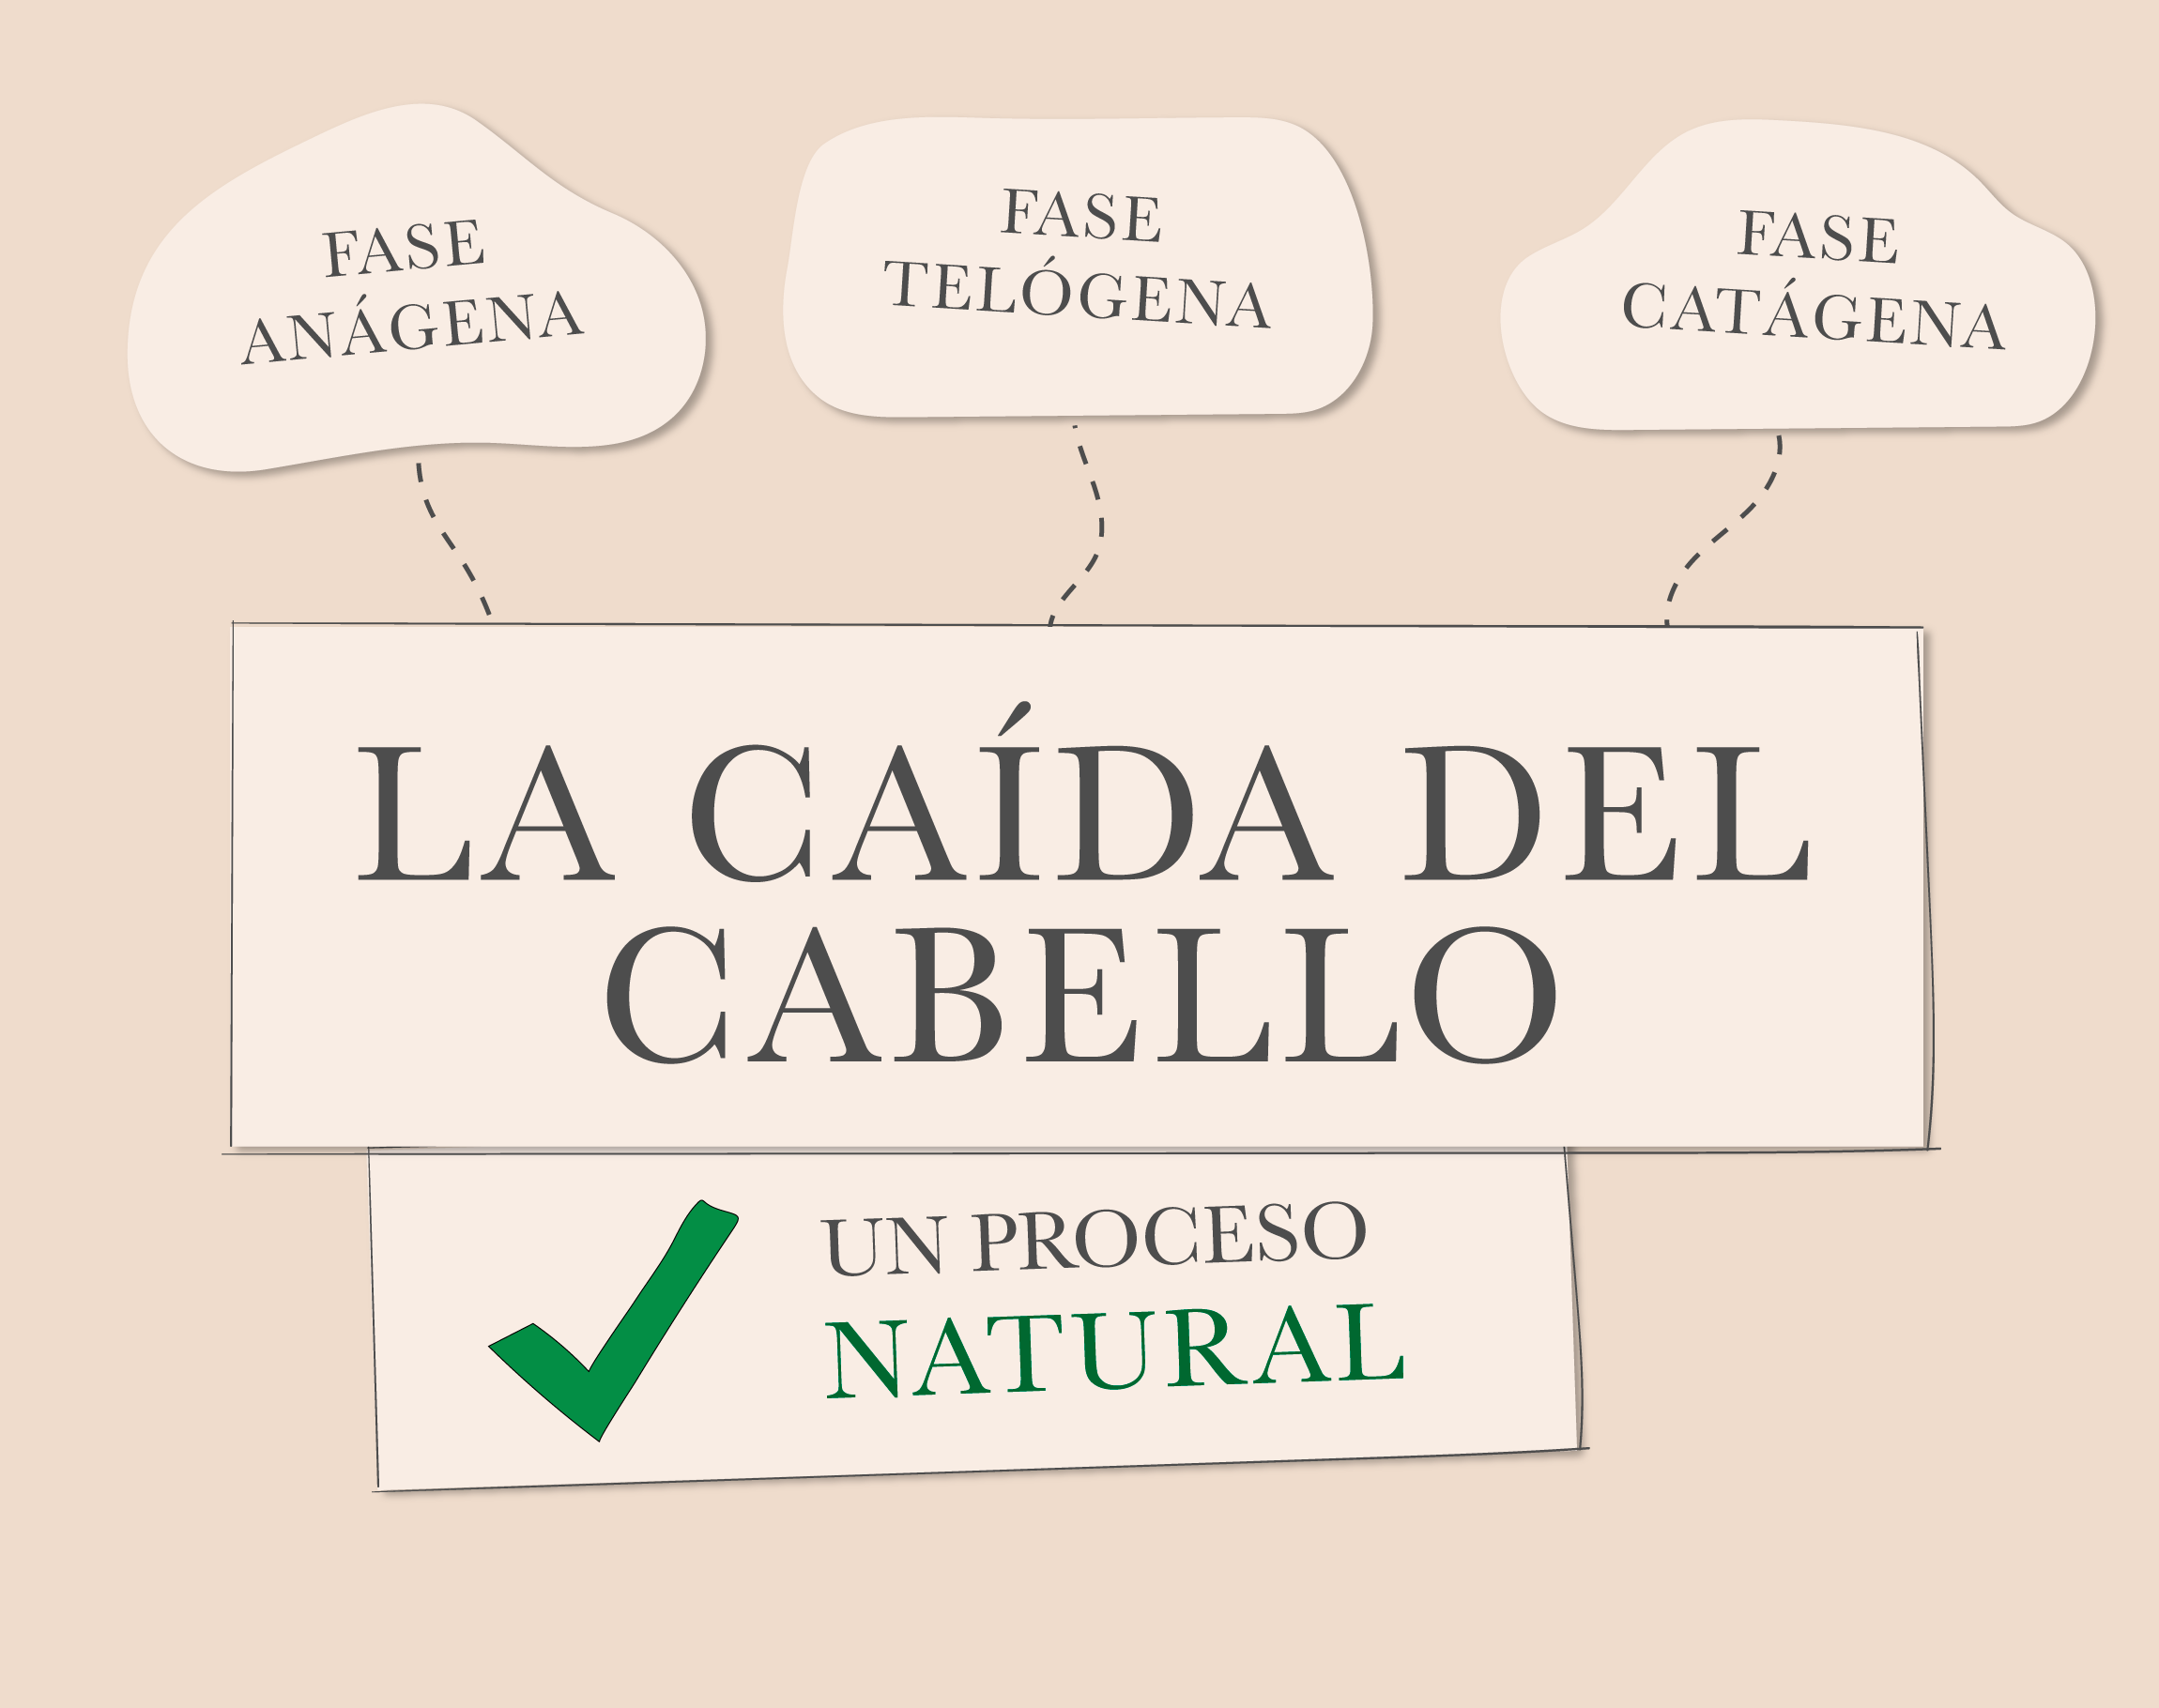 La caída del cabello – un proceso natural